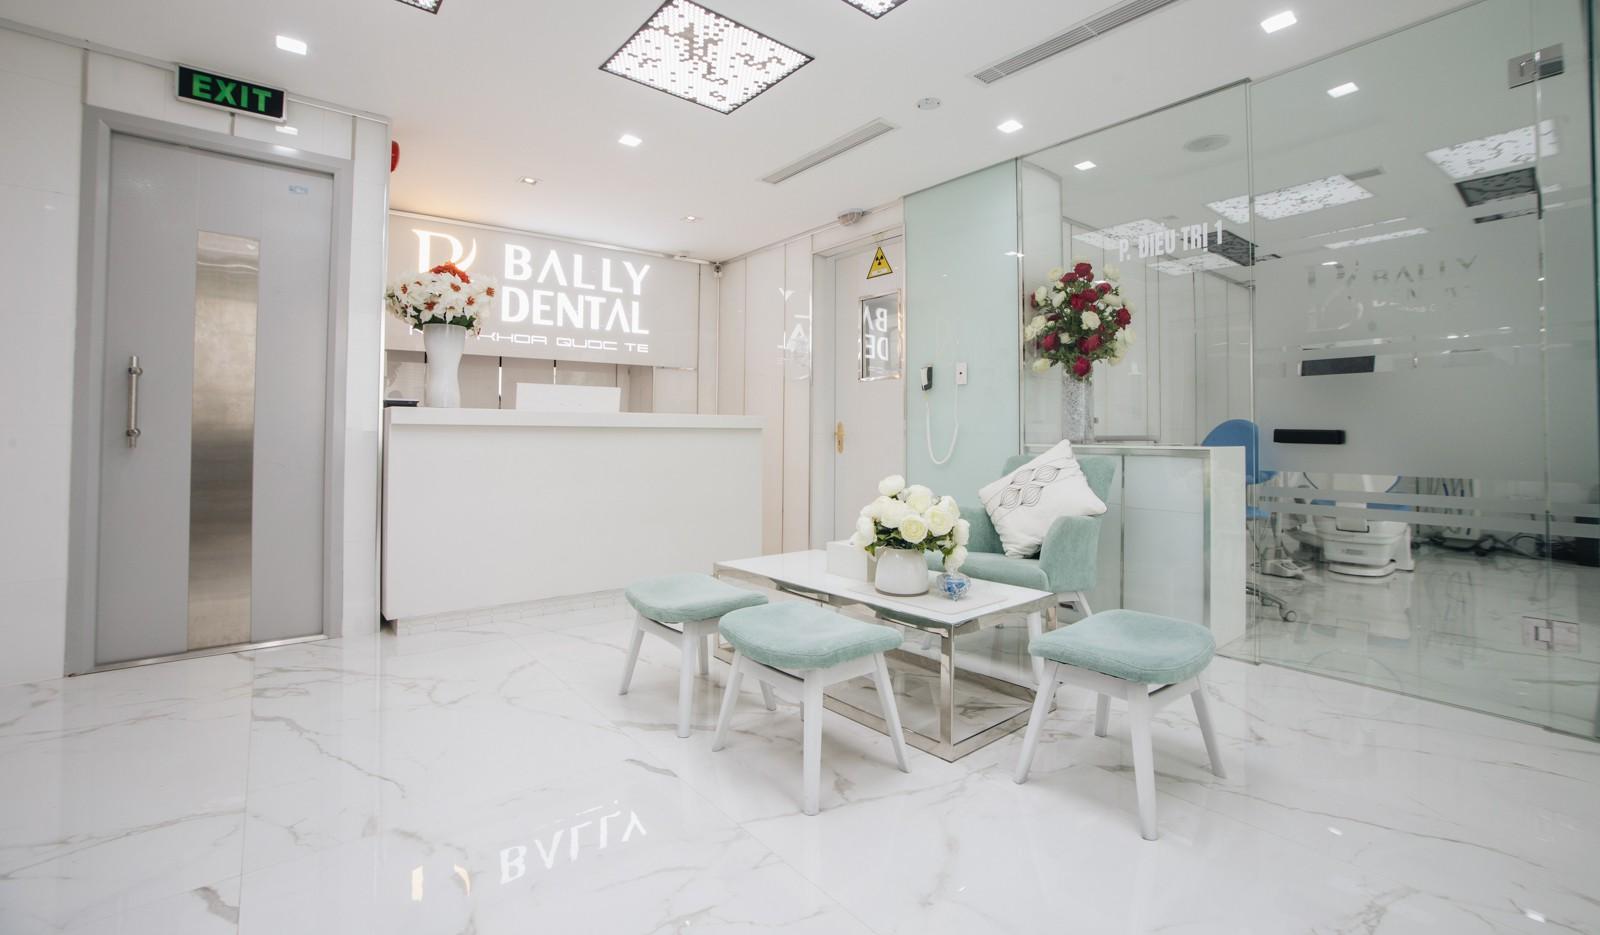 Khi nào thì nên trám răng cửa bị mẻ để có hiệu quả? 1